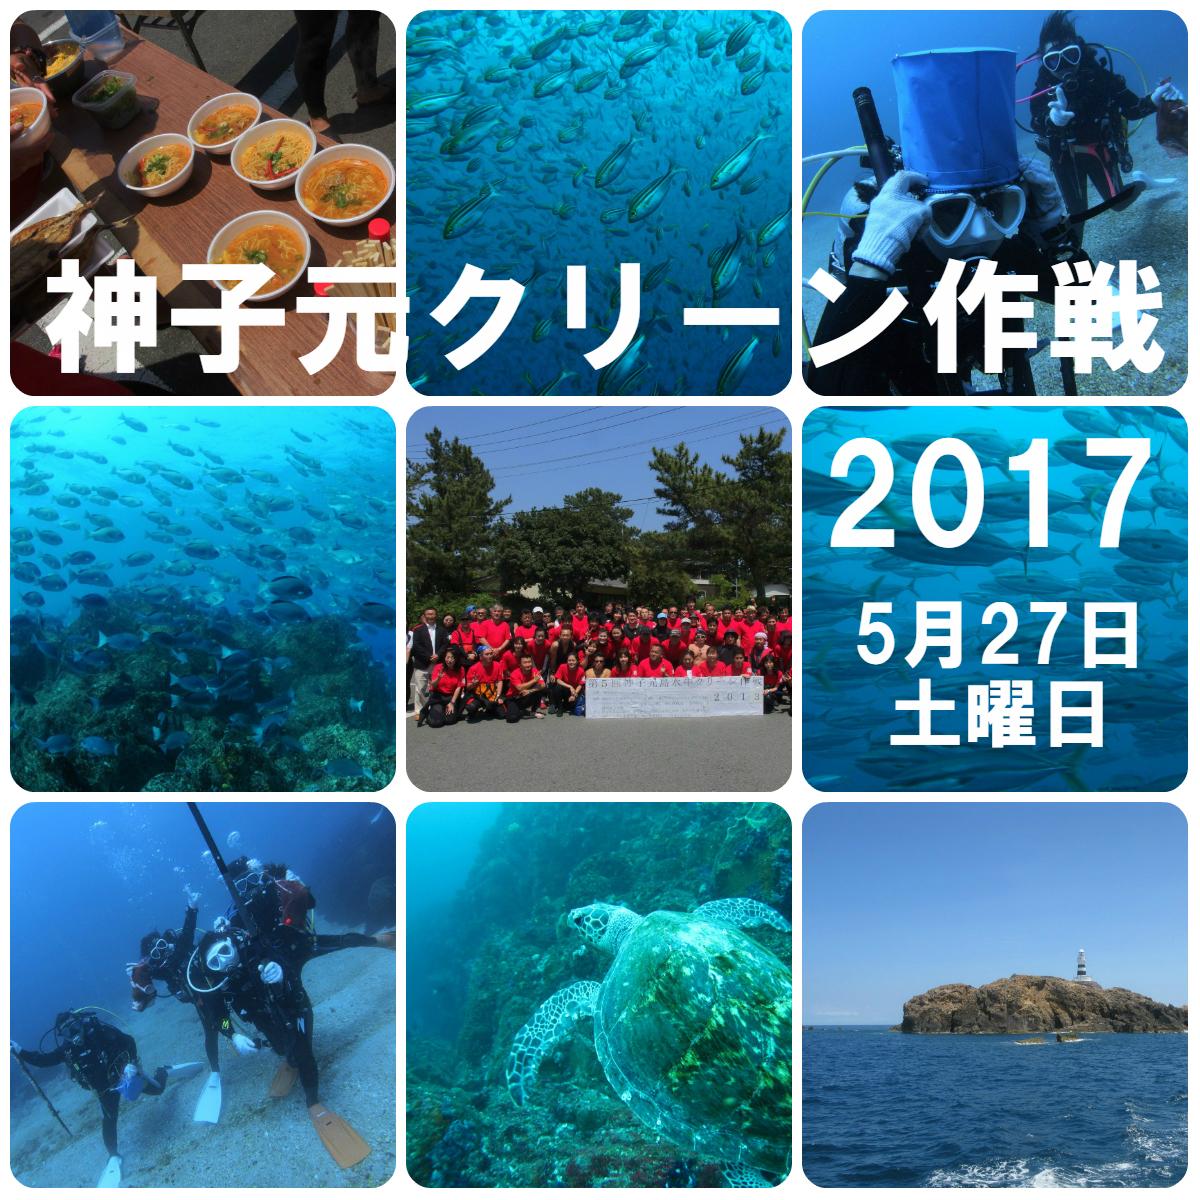 神子元クリーン2017-2